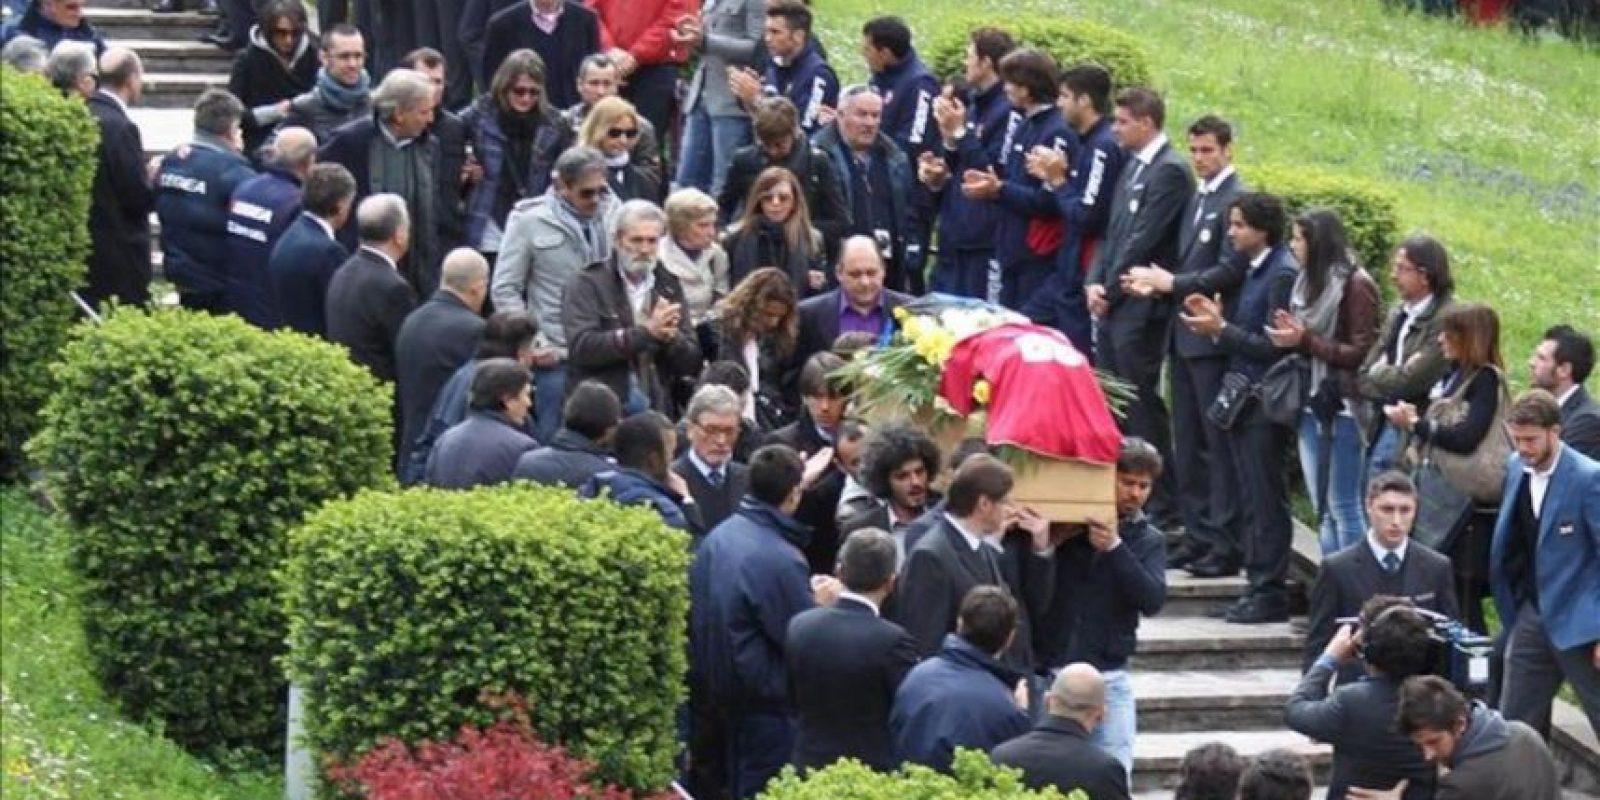 Familiares, seguidores, personalidades del mundo del fútbol italiano y vecinos le dan el último adiós al centrocampista del Livorno Piermario Morosini, de 25 años, fallecido el pasado sábado mientras disputaba un partido de fútbol contra el Pescara, de la segunda división, durante su funeral hoy en Bérgamo, Italia. EFE